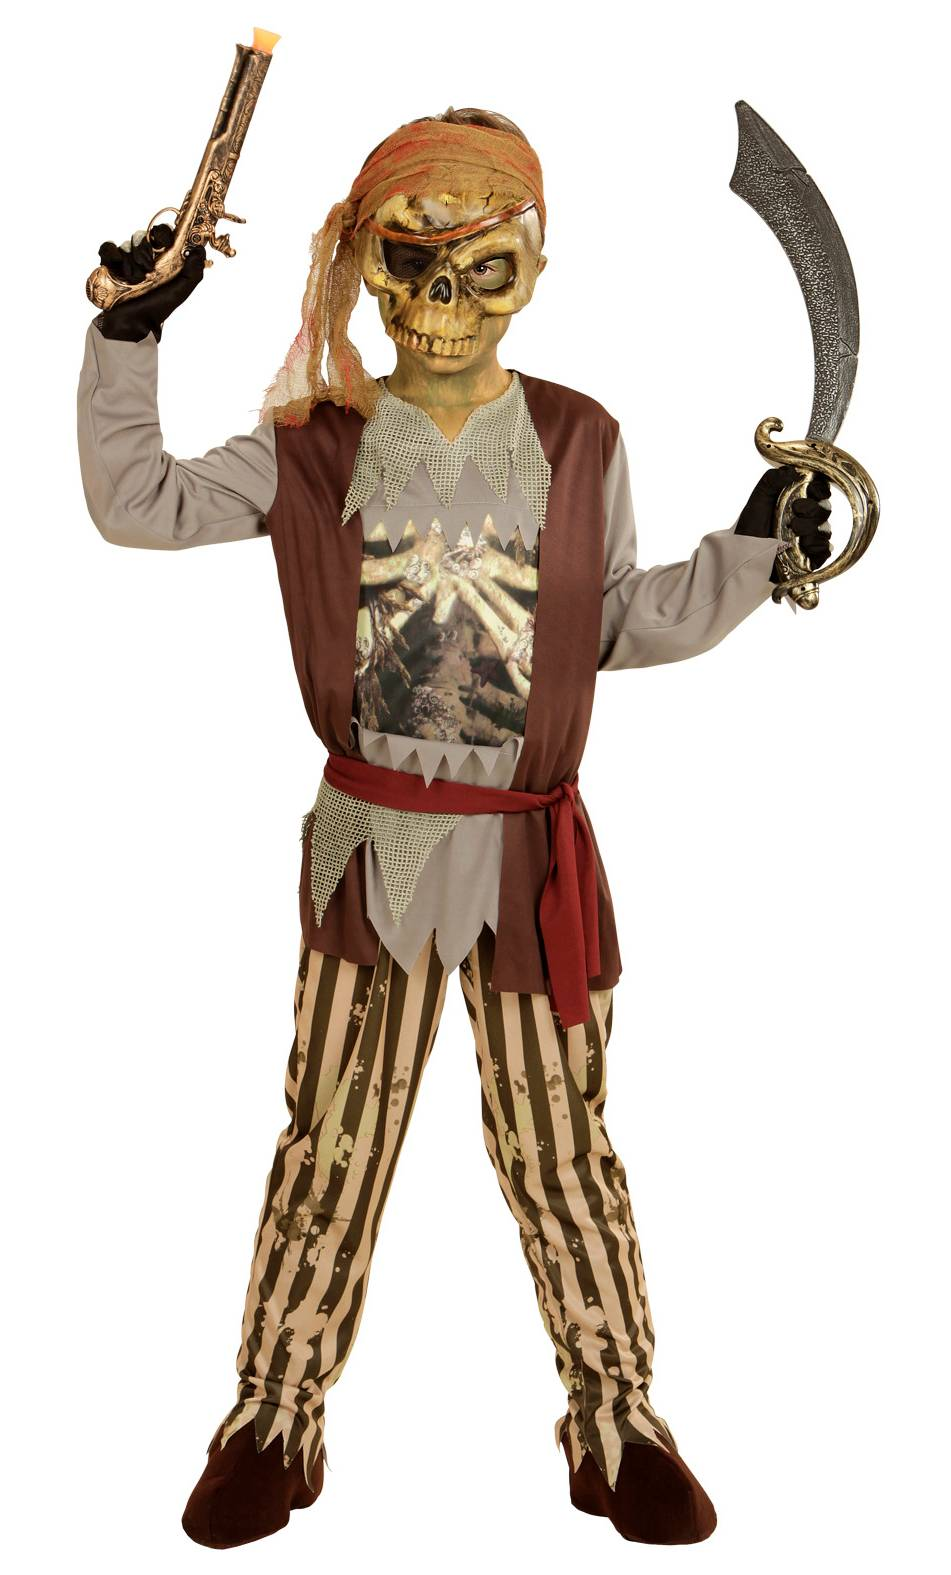 Costume de pirate fant me v68046 - Pirate fantome ...